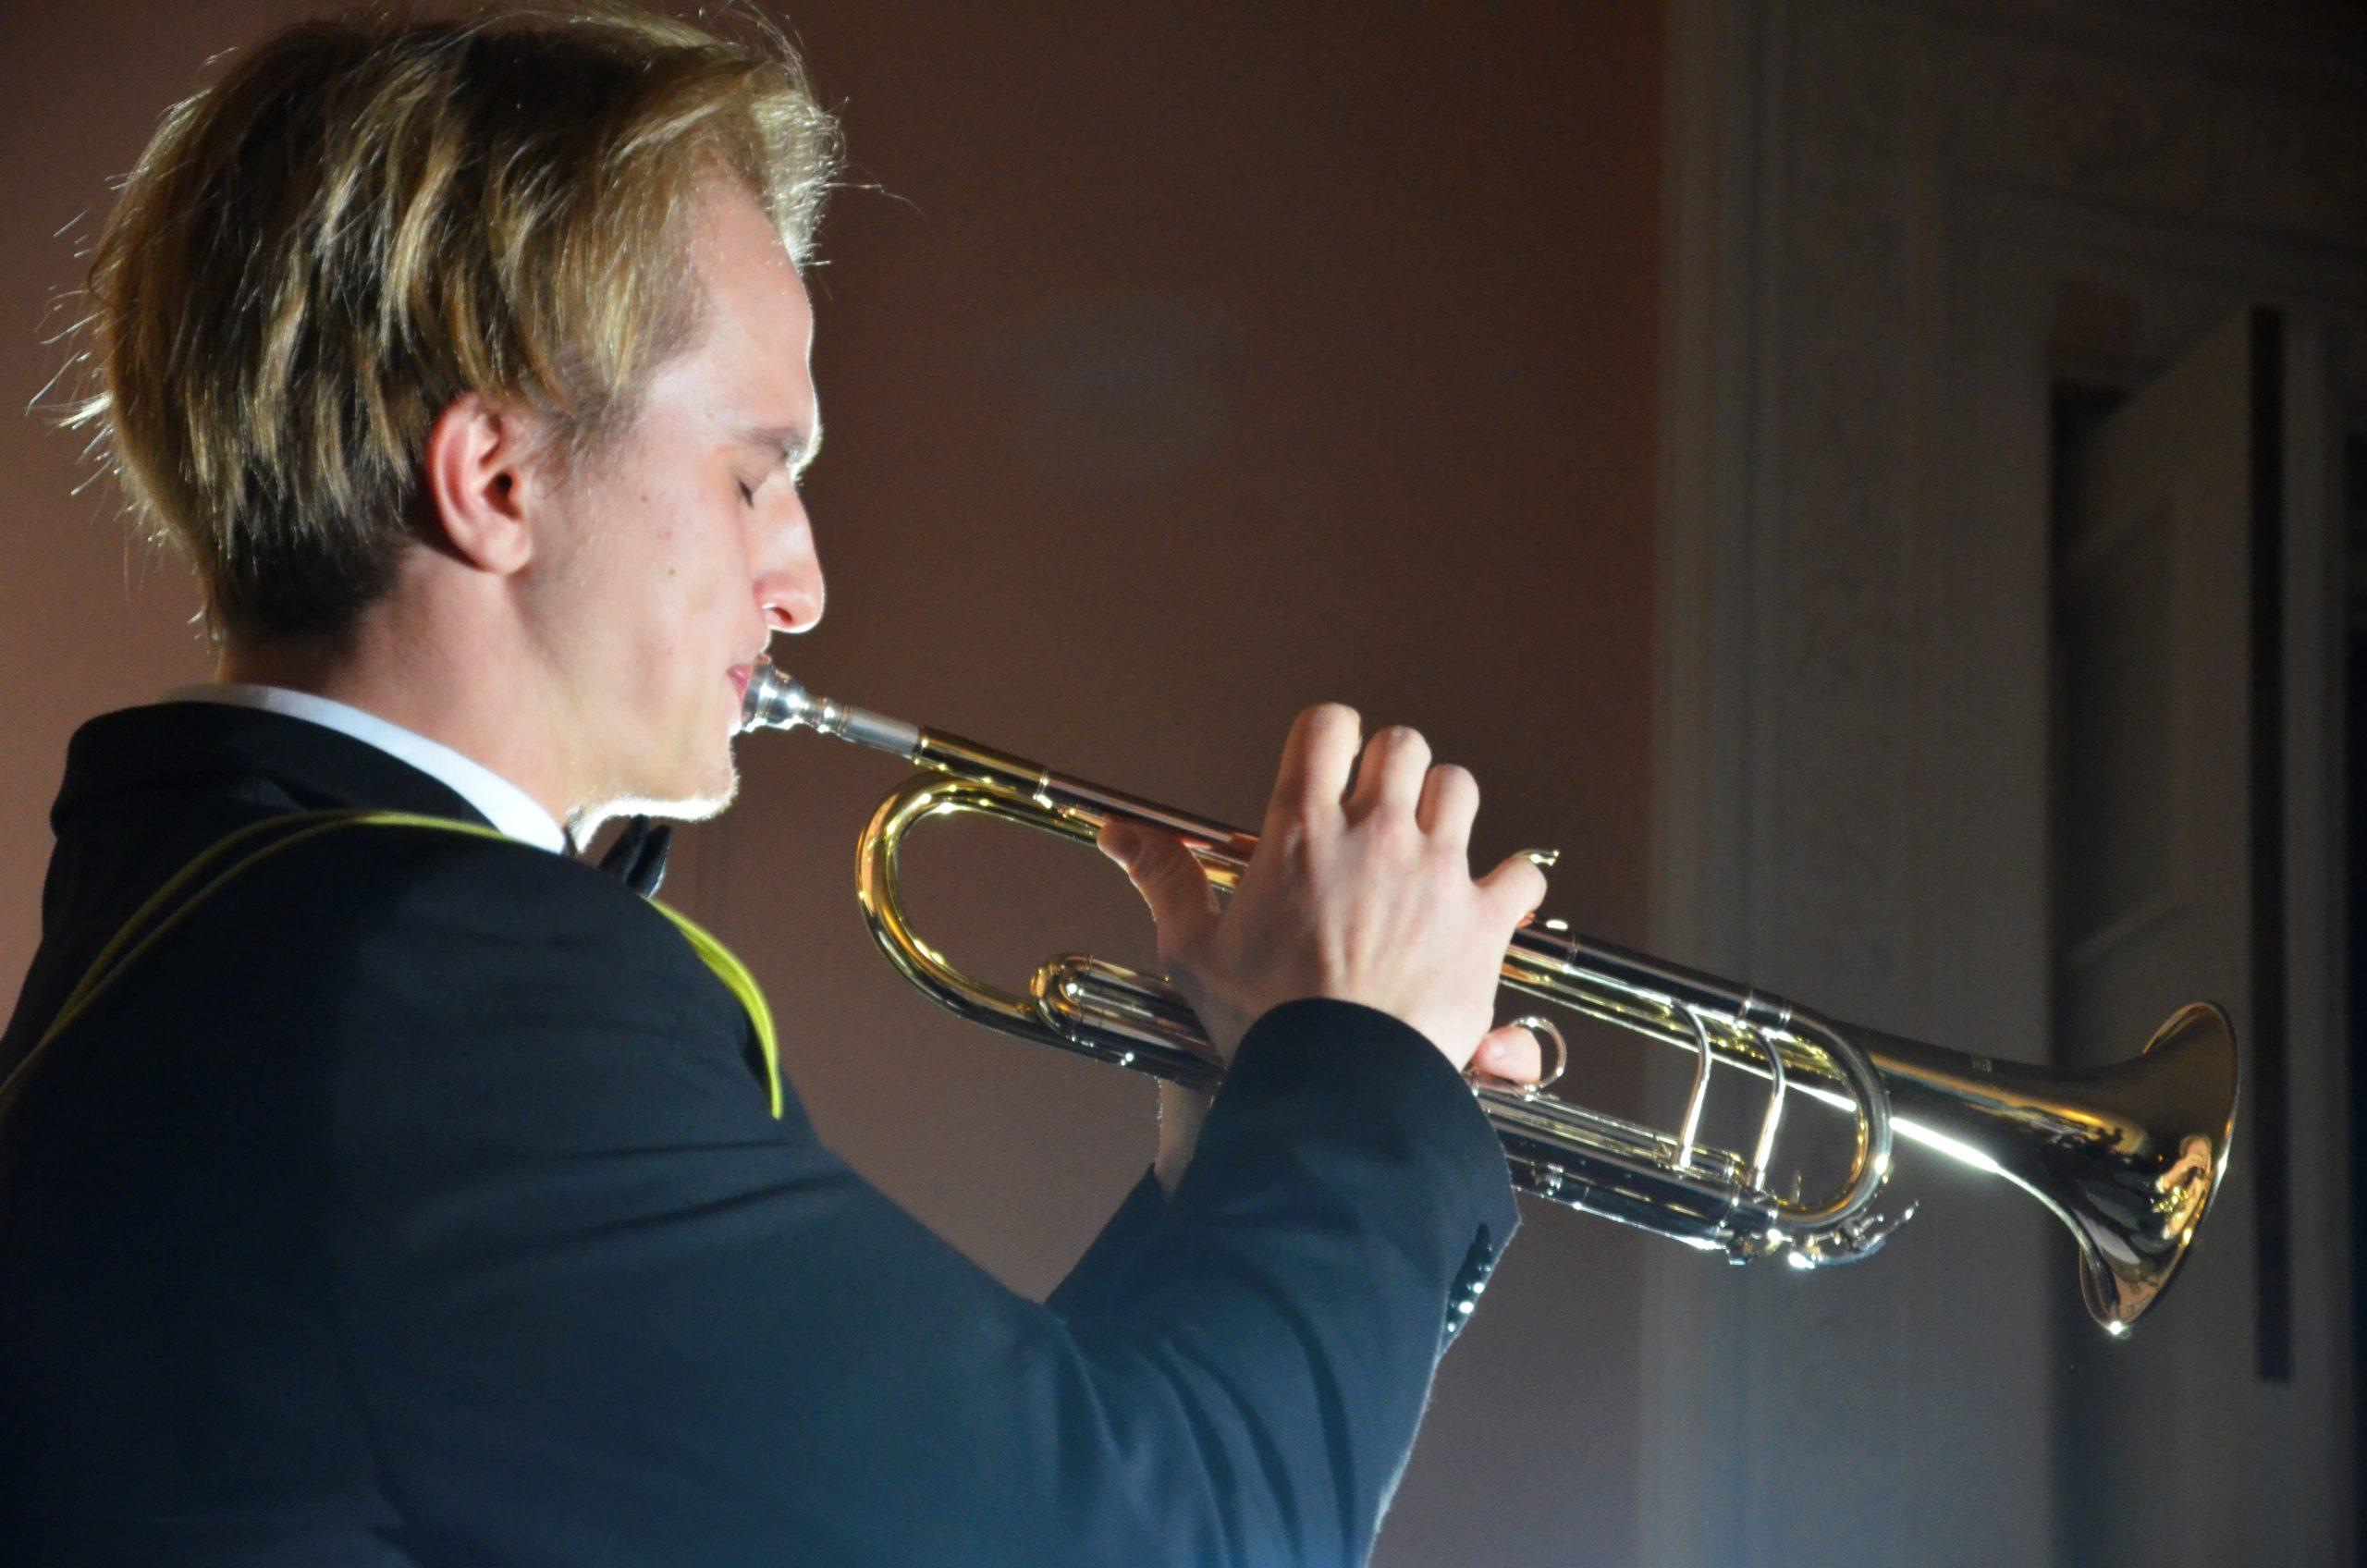 Музыканты проявят свои таланты на международном конкурсе в Москве